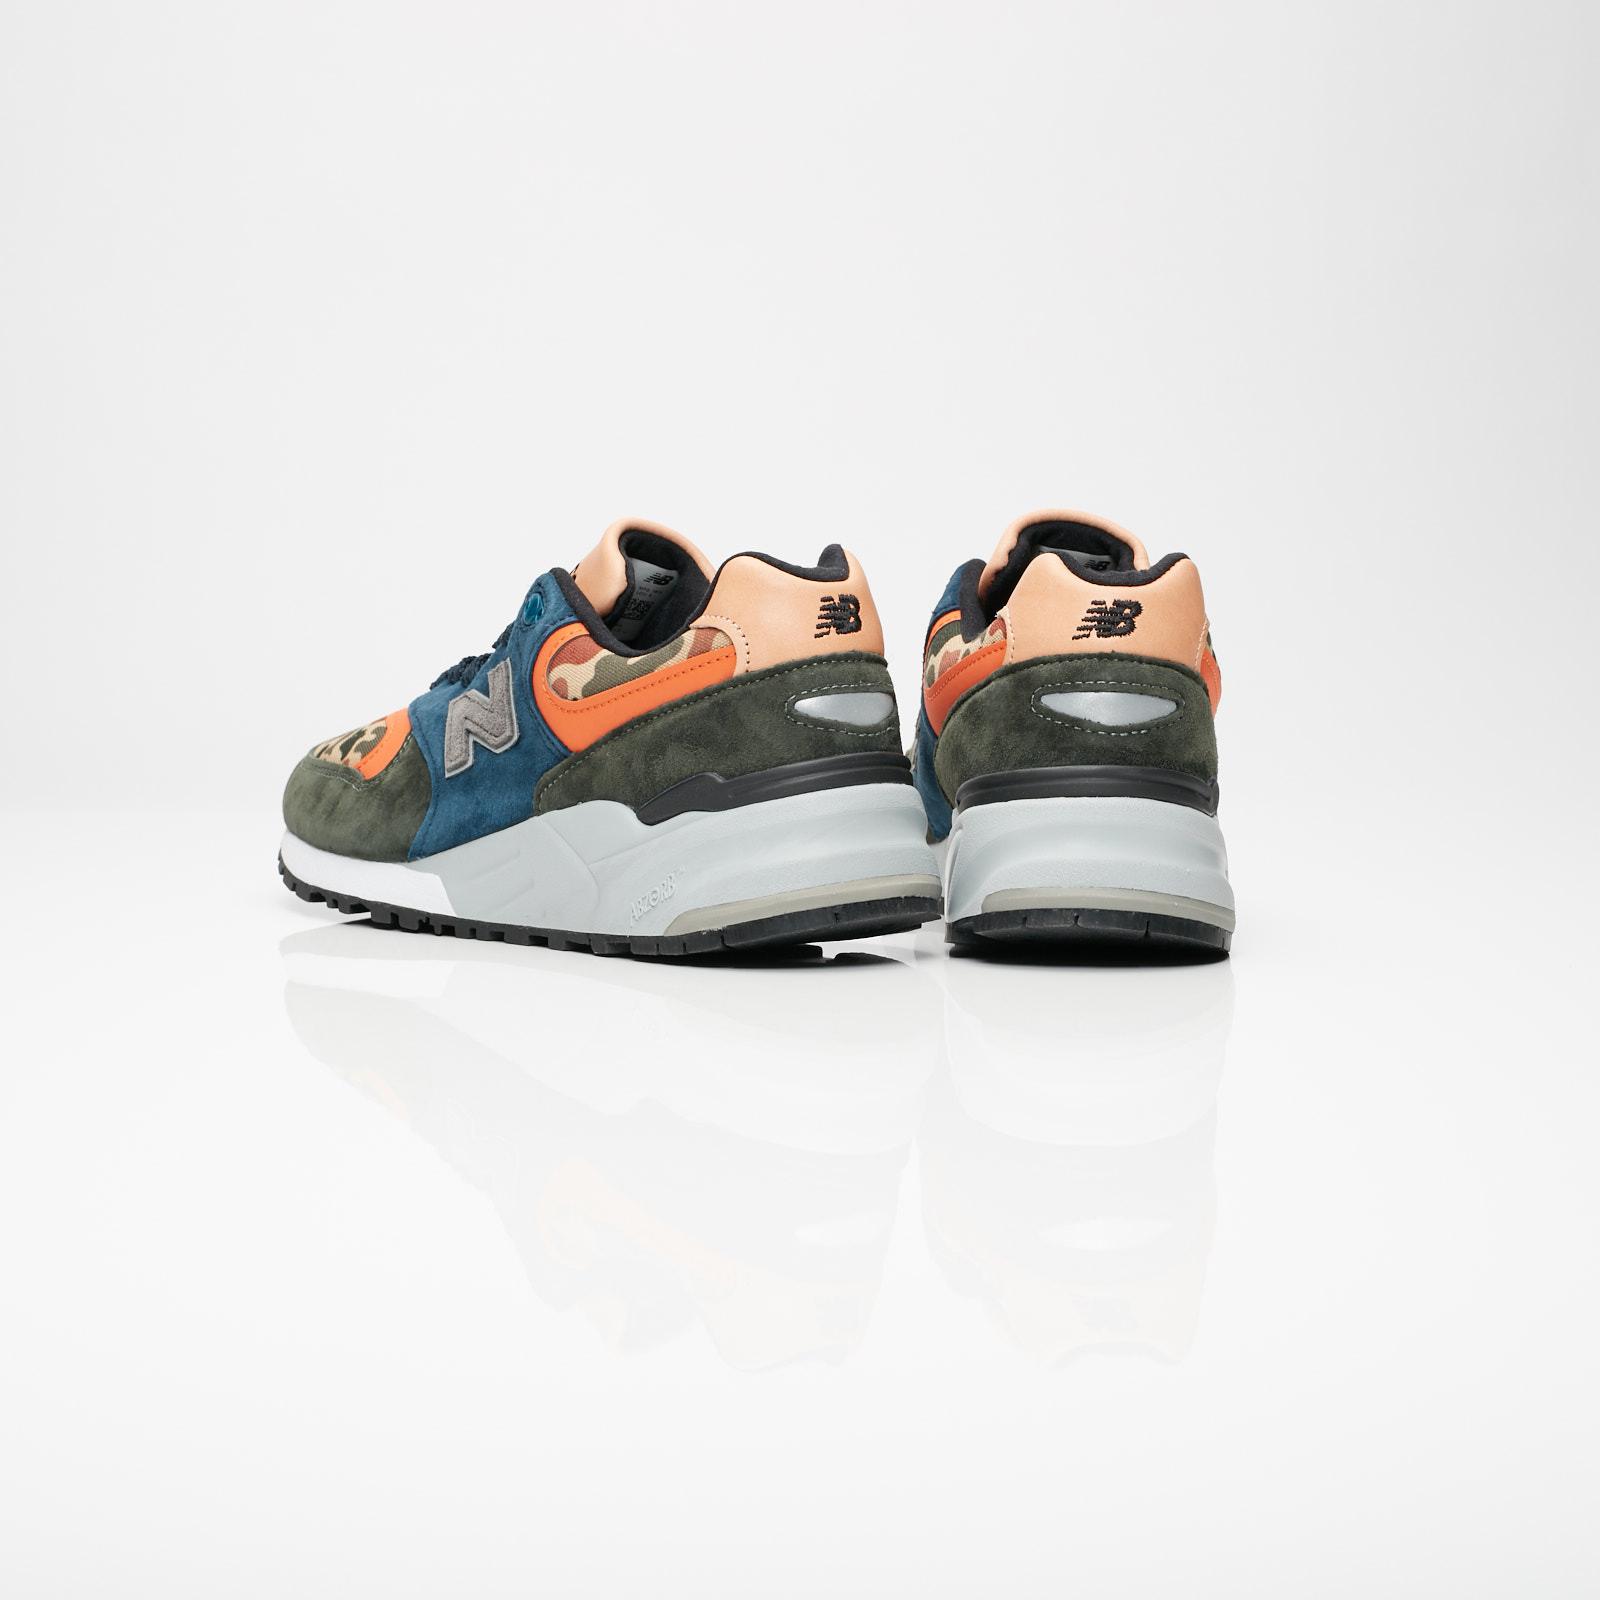 dc9f68fd3627c New Balance M999 - M999ni - Sneakersnstuff   sneakers & streetwear online  since 1999